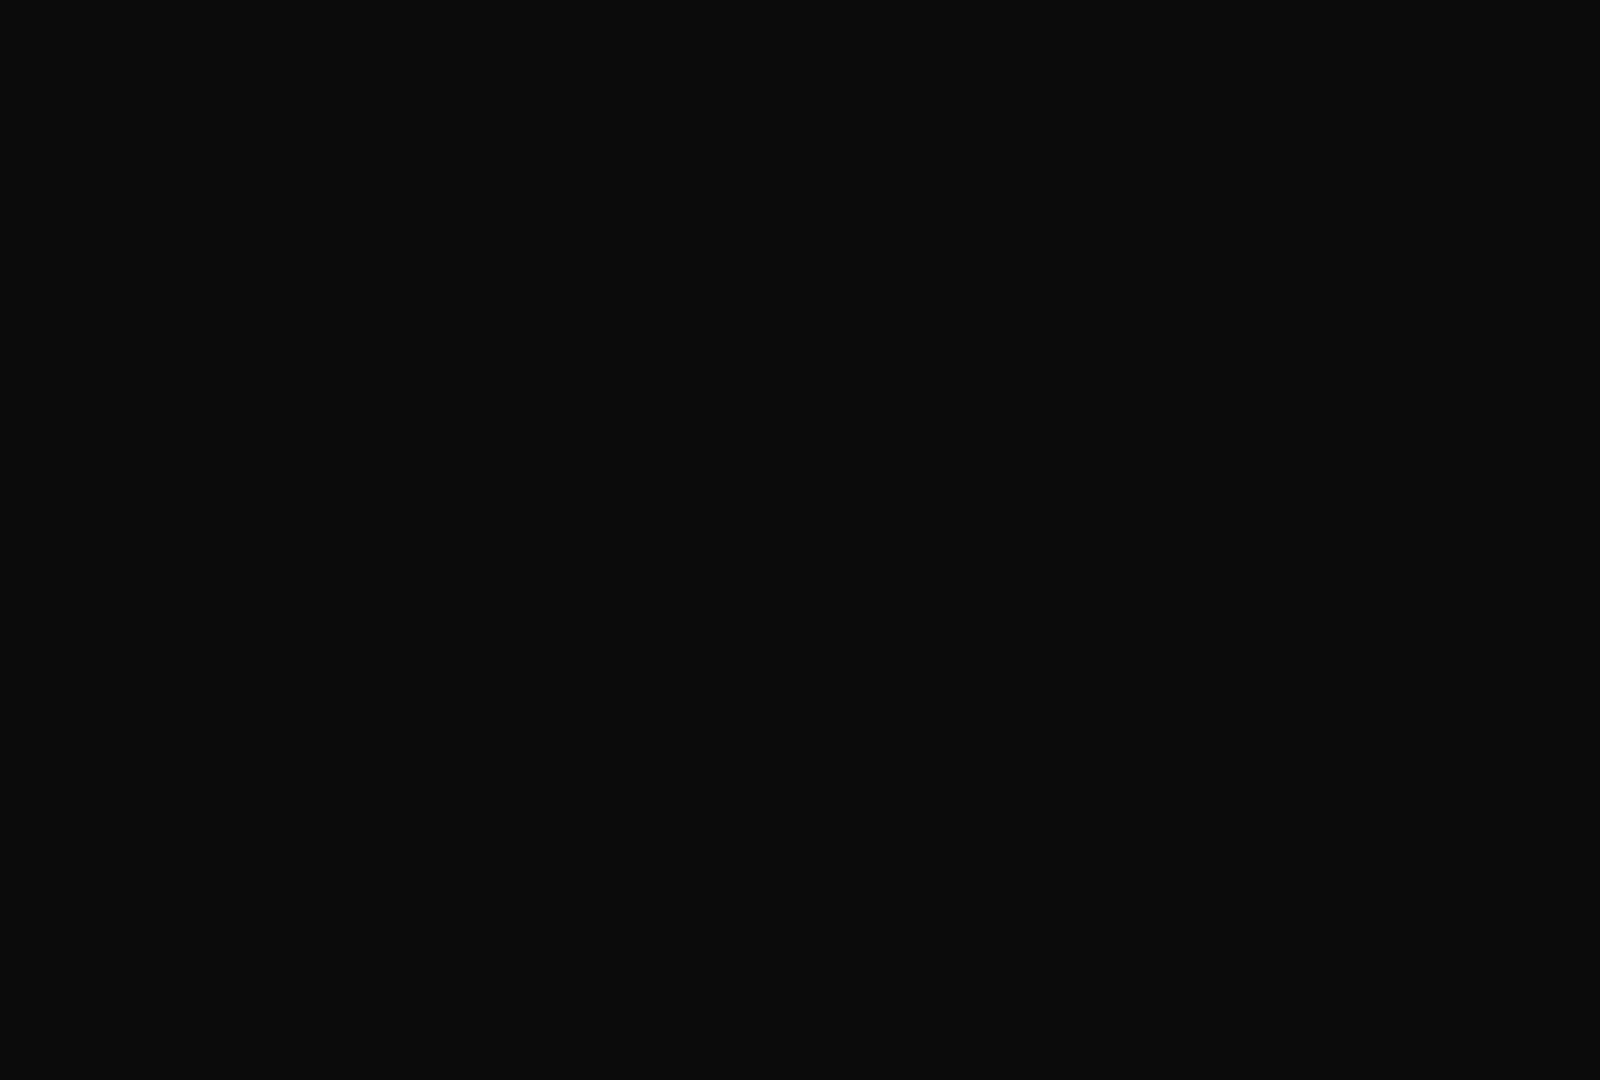 充血監督の深夜の運動会Vol.93 盗撮 おまんこ無修正動画無料 79pic 69